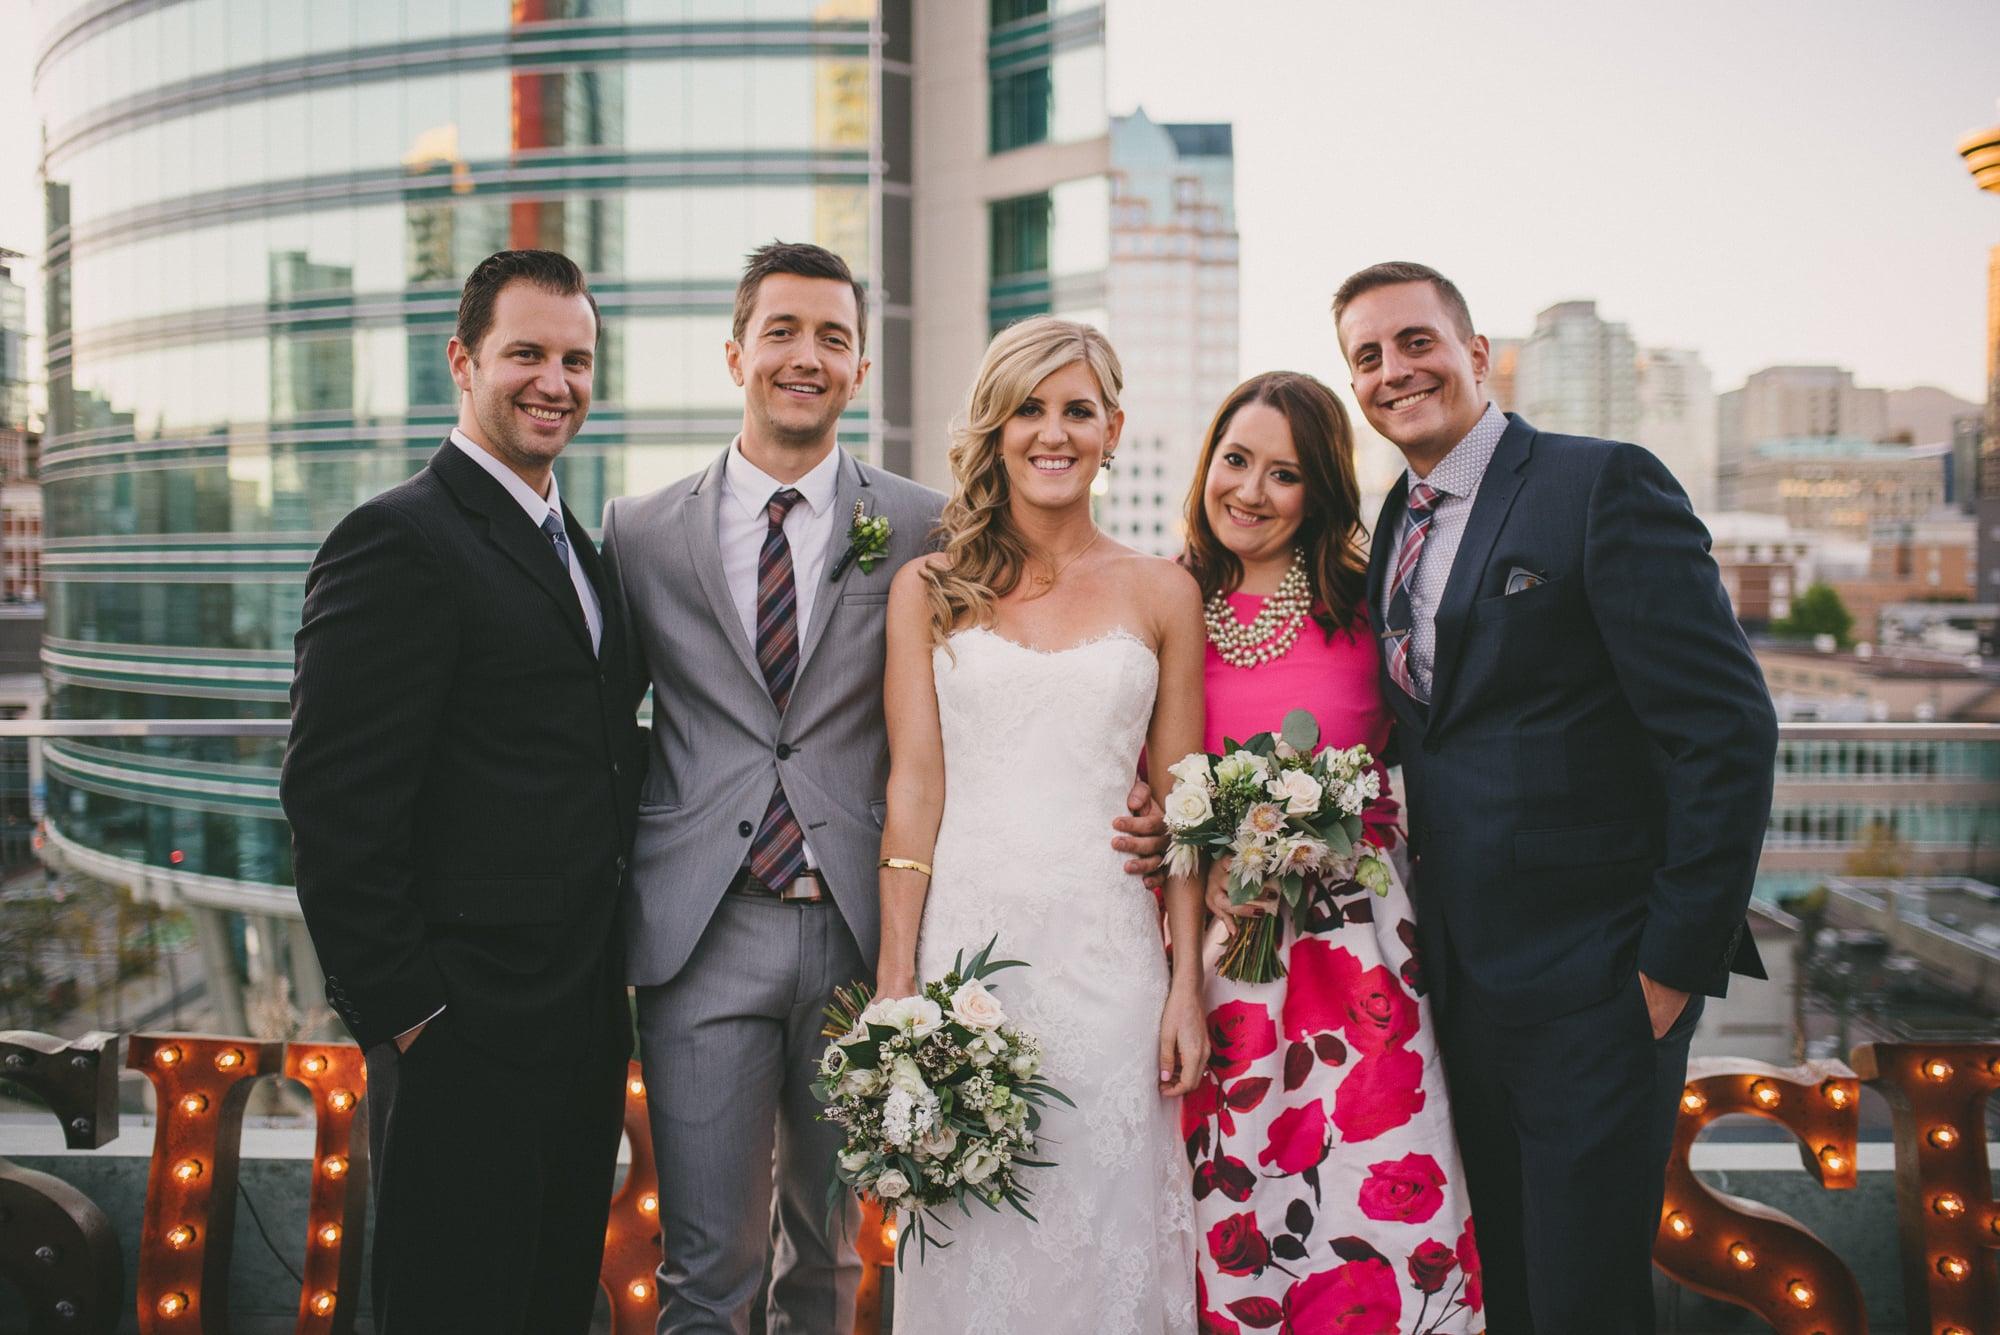 188-chambar-vancouver-wedding-sara-rogers-photography.jpg